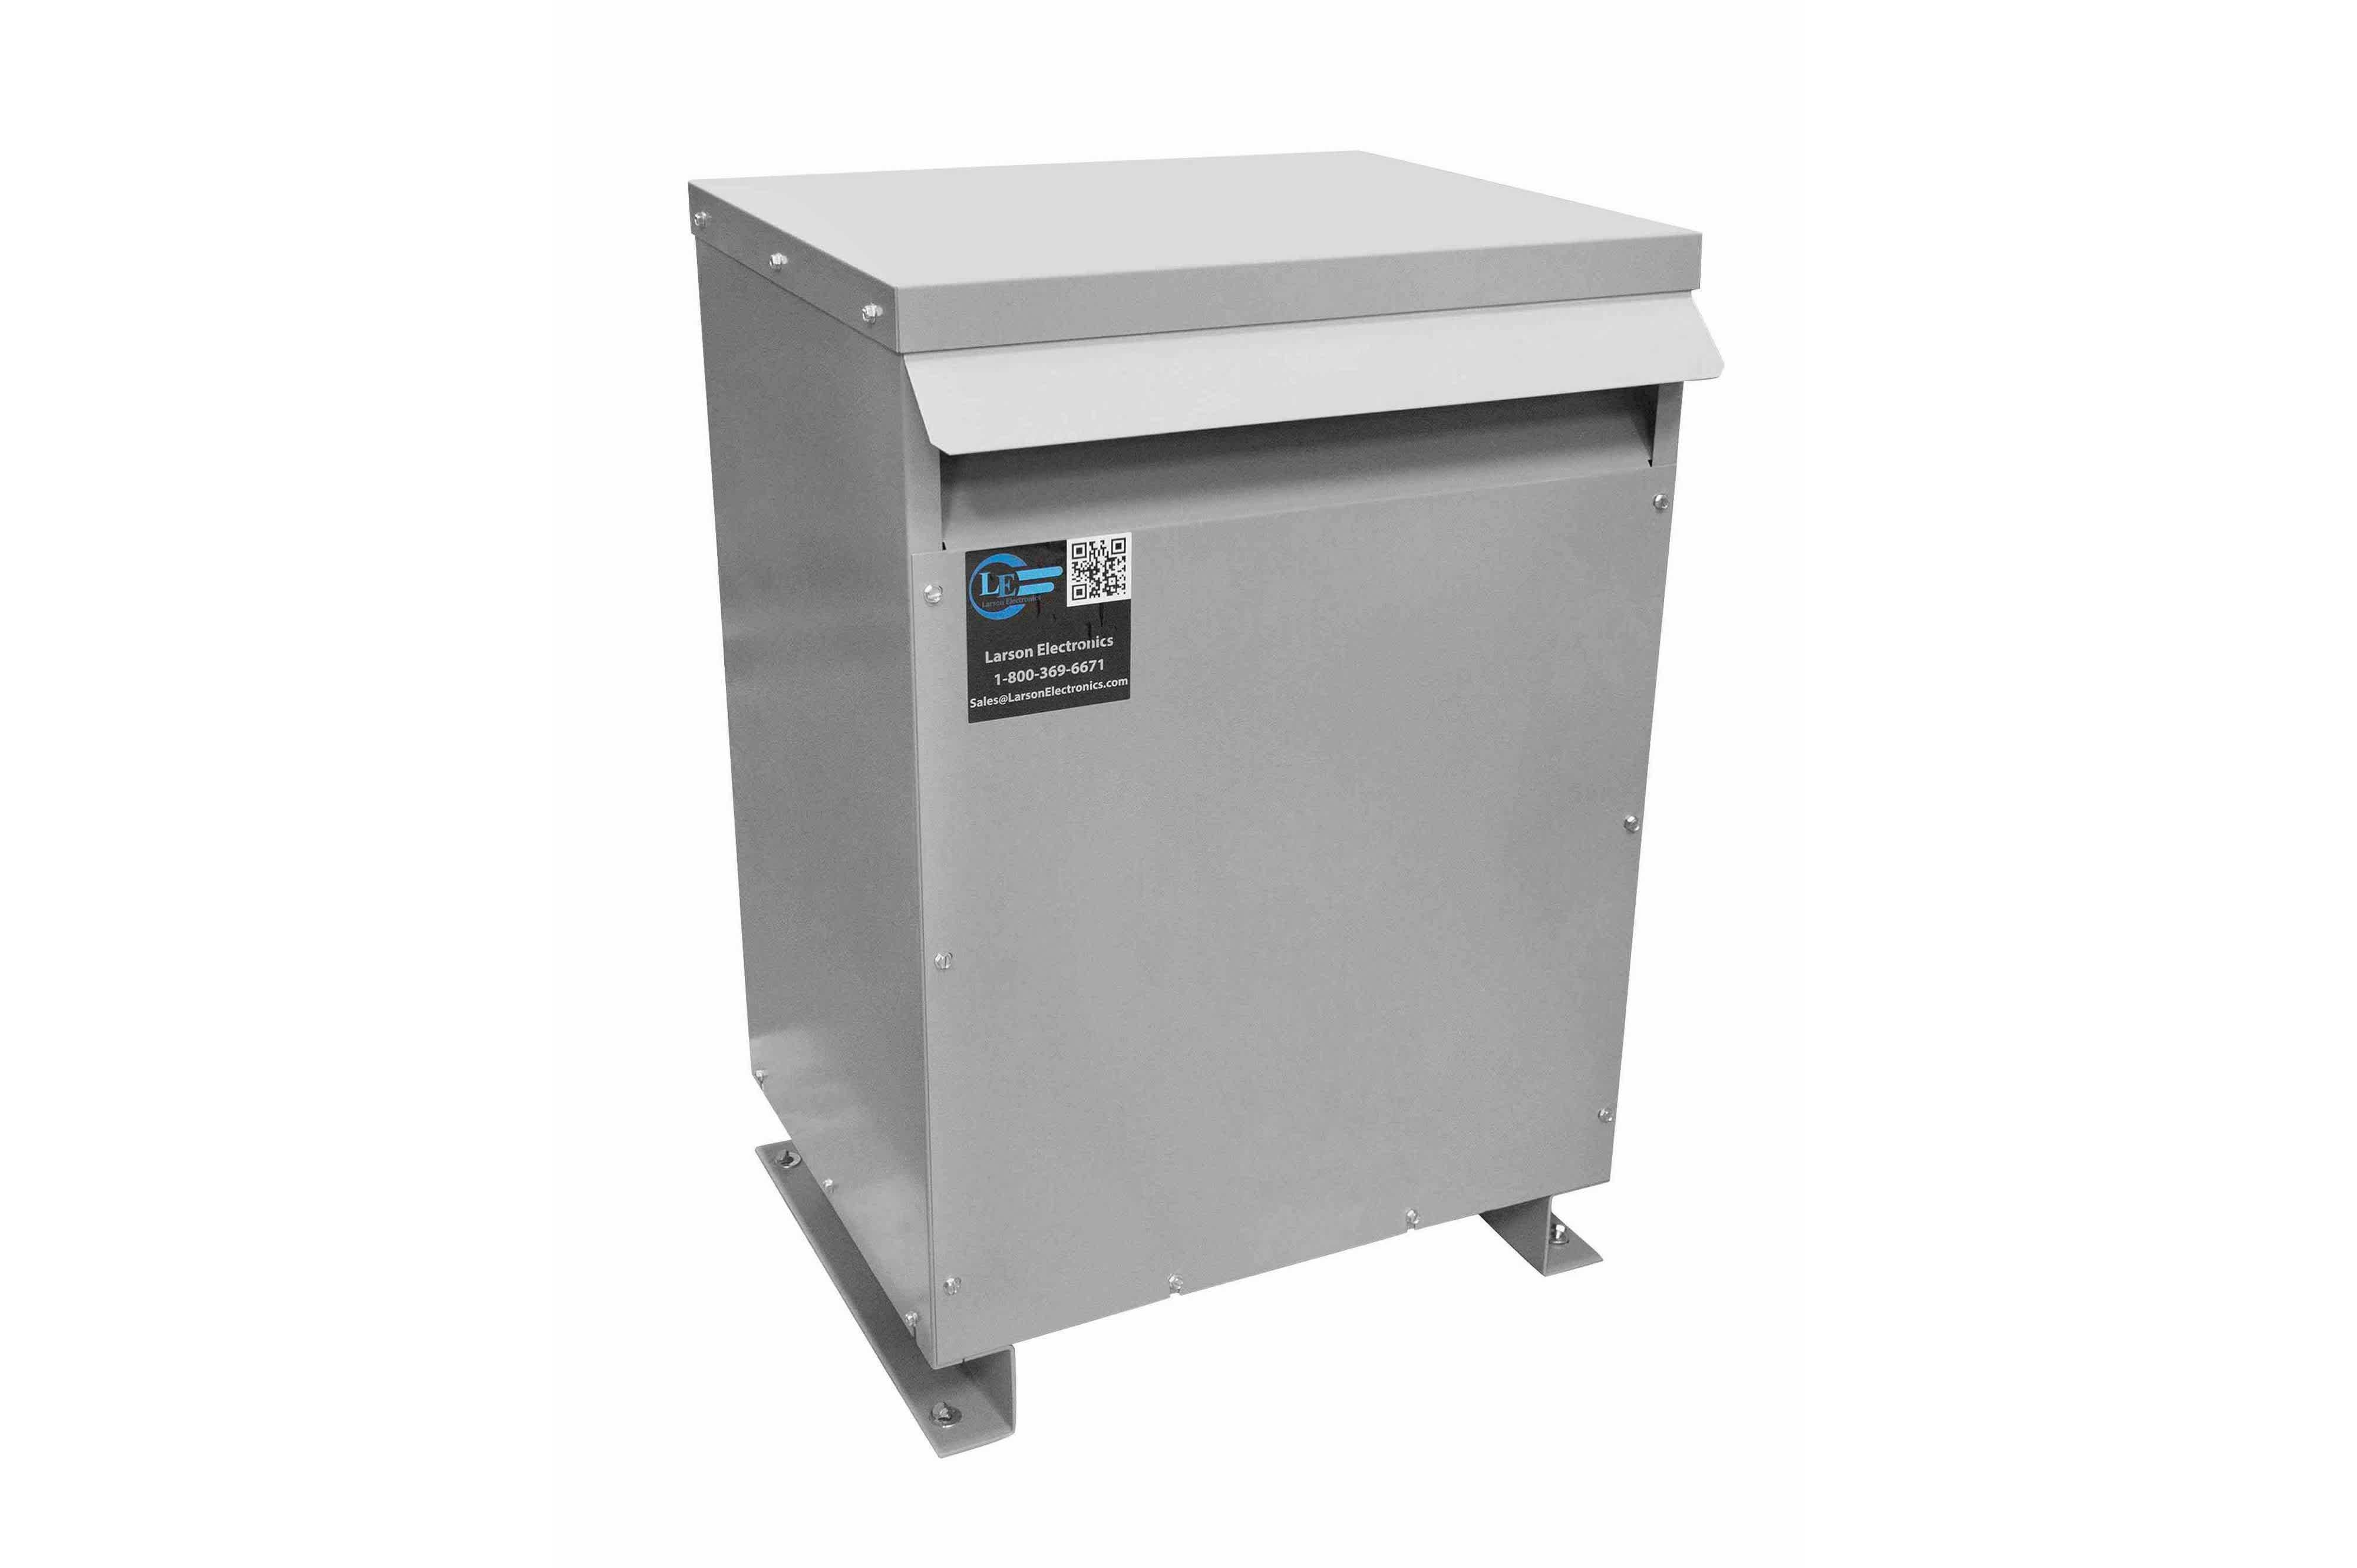 55 kVA 3PH Isolation Transformer, 208V Delta Primary, 400V Delta Secondary, N3R, Ventilated, 60 Hz